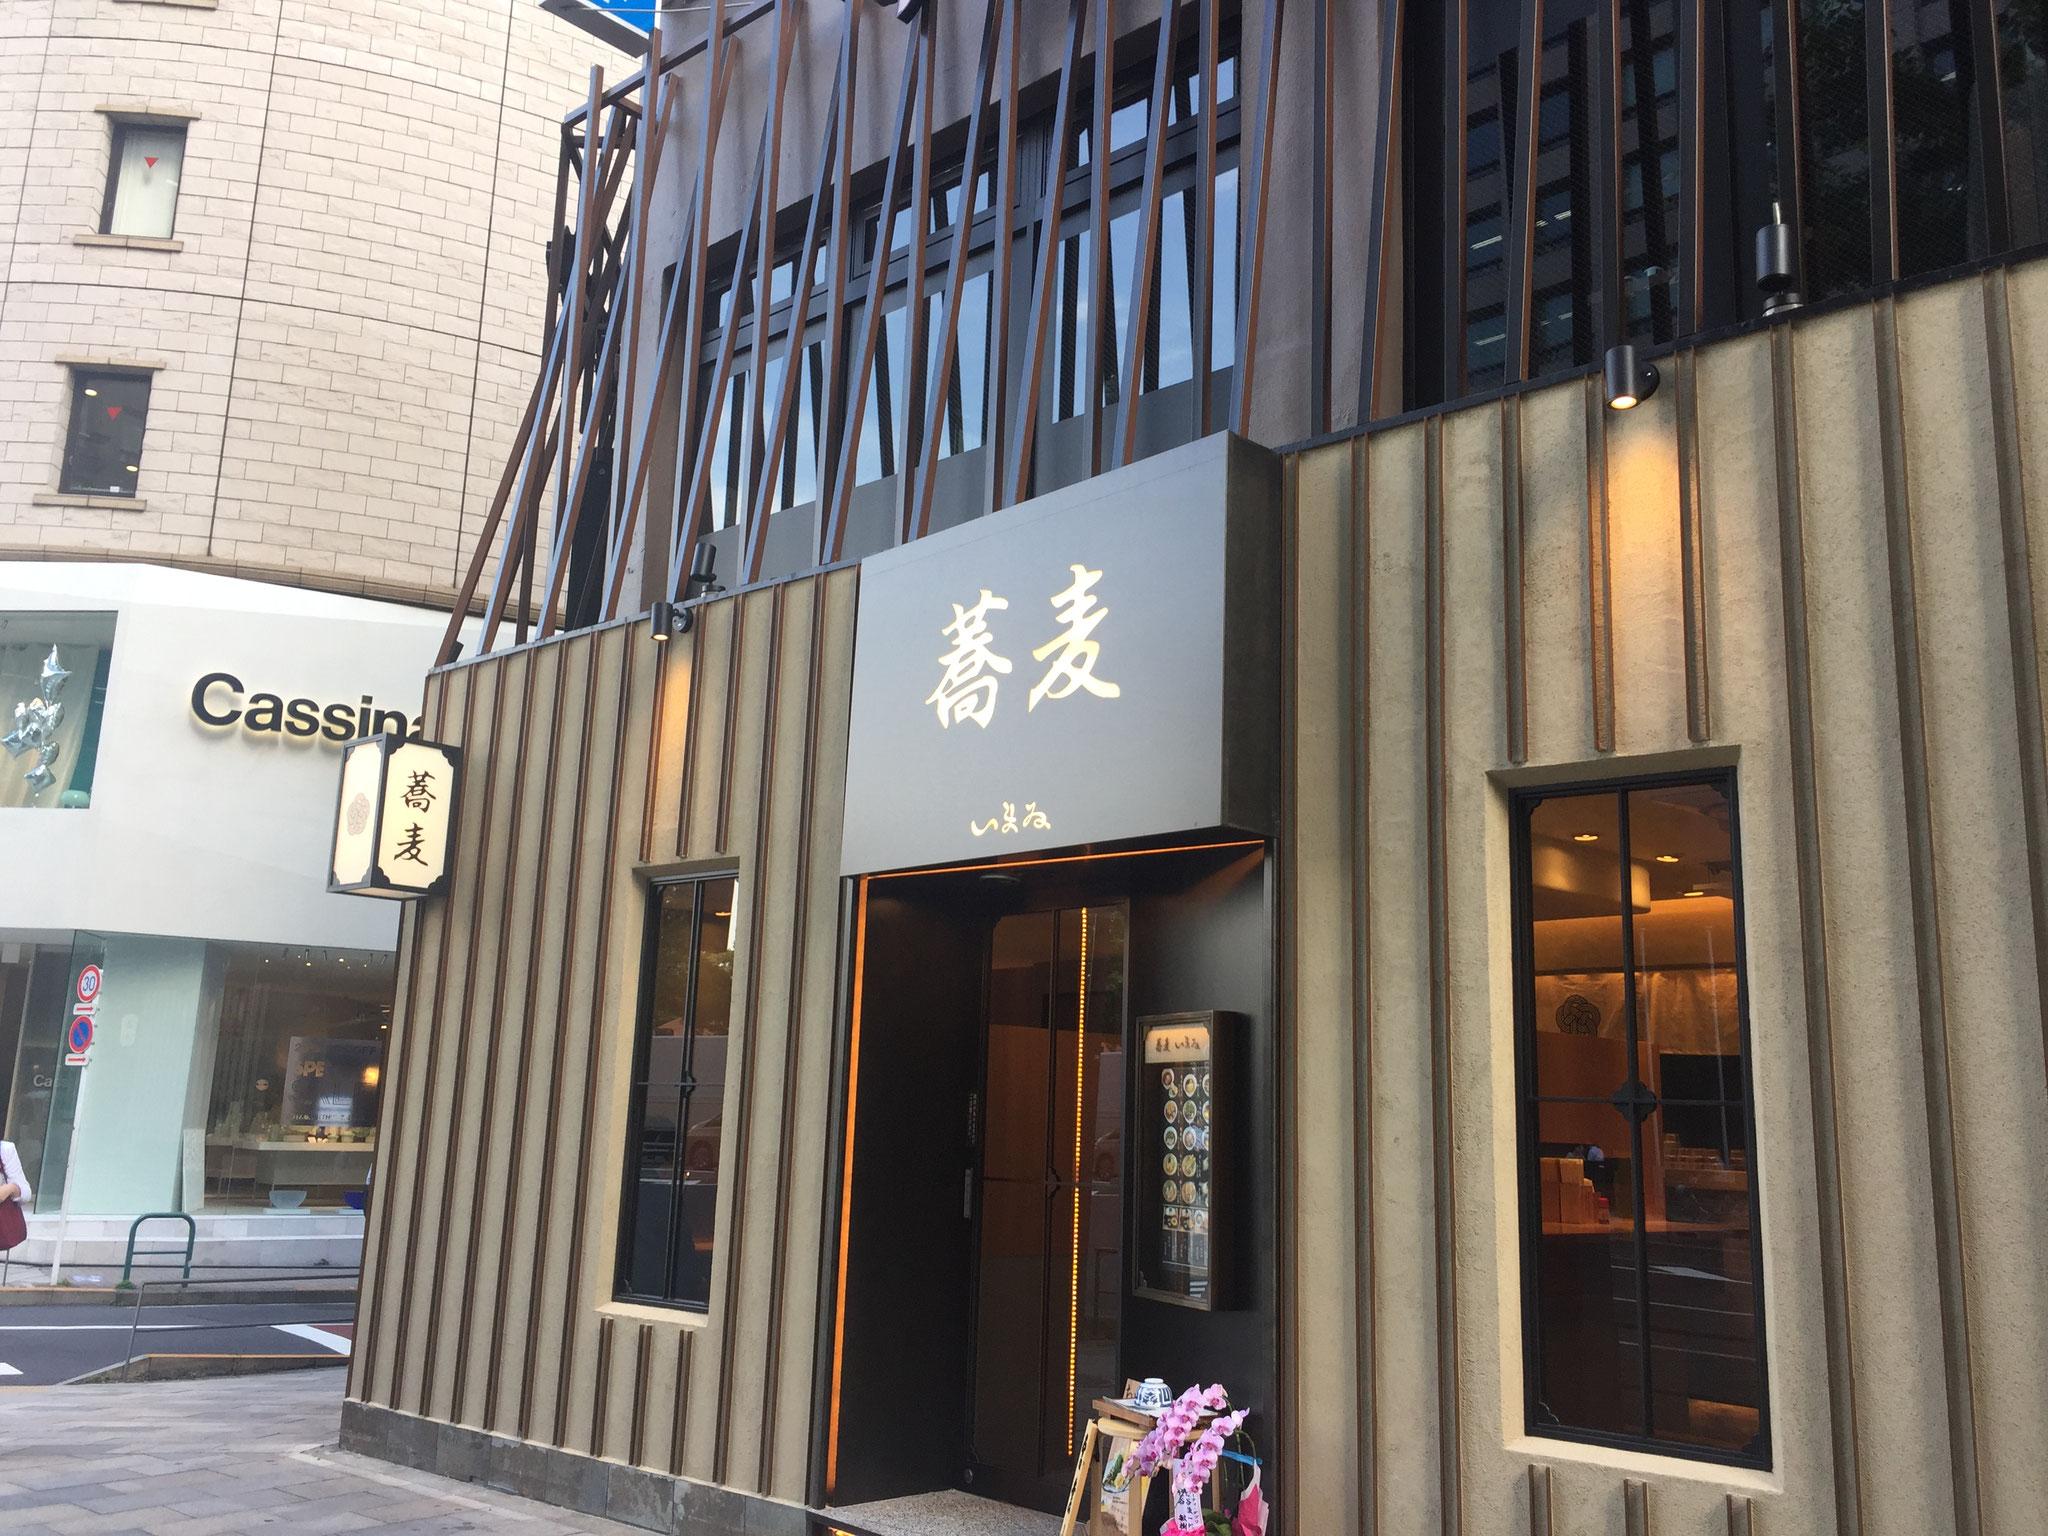 赤坂消防署入口交差点、蕎麦屋の角を右(南)へ。※牛丼の松屋から蕎麦屋に変わりました。